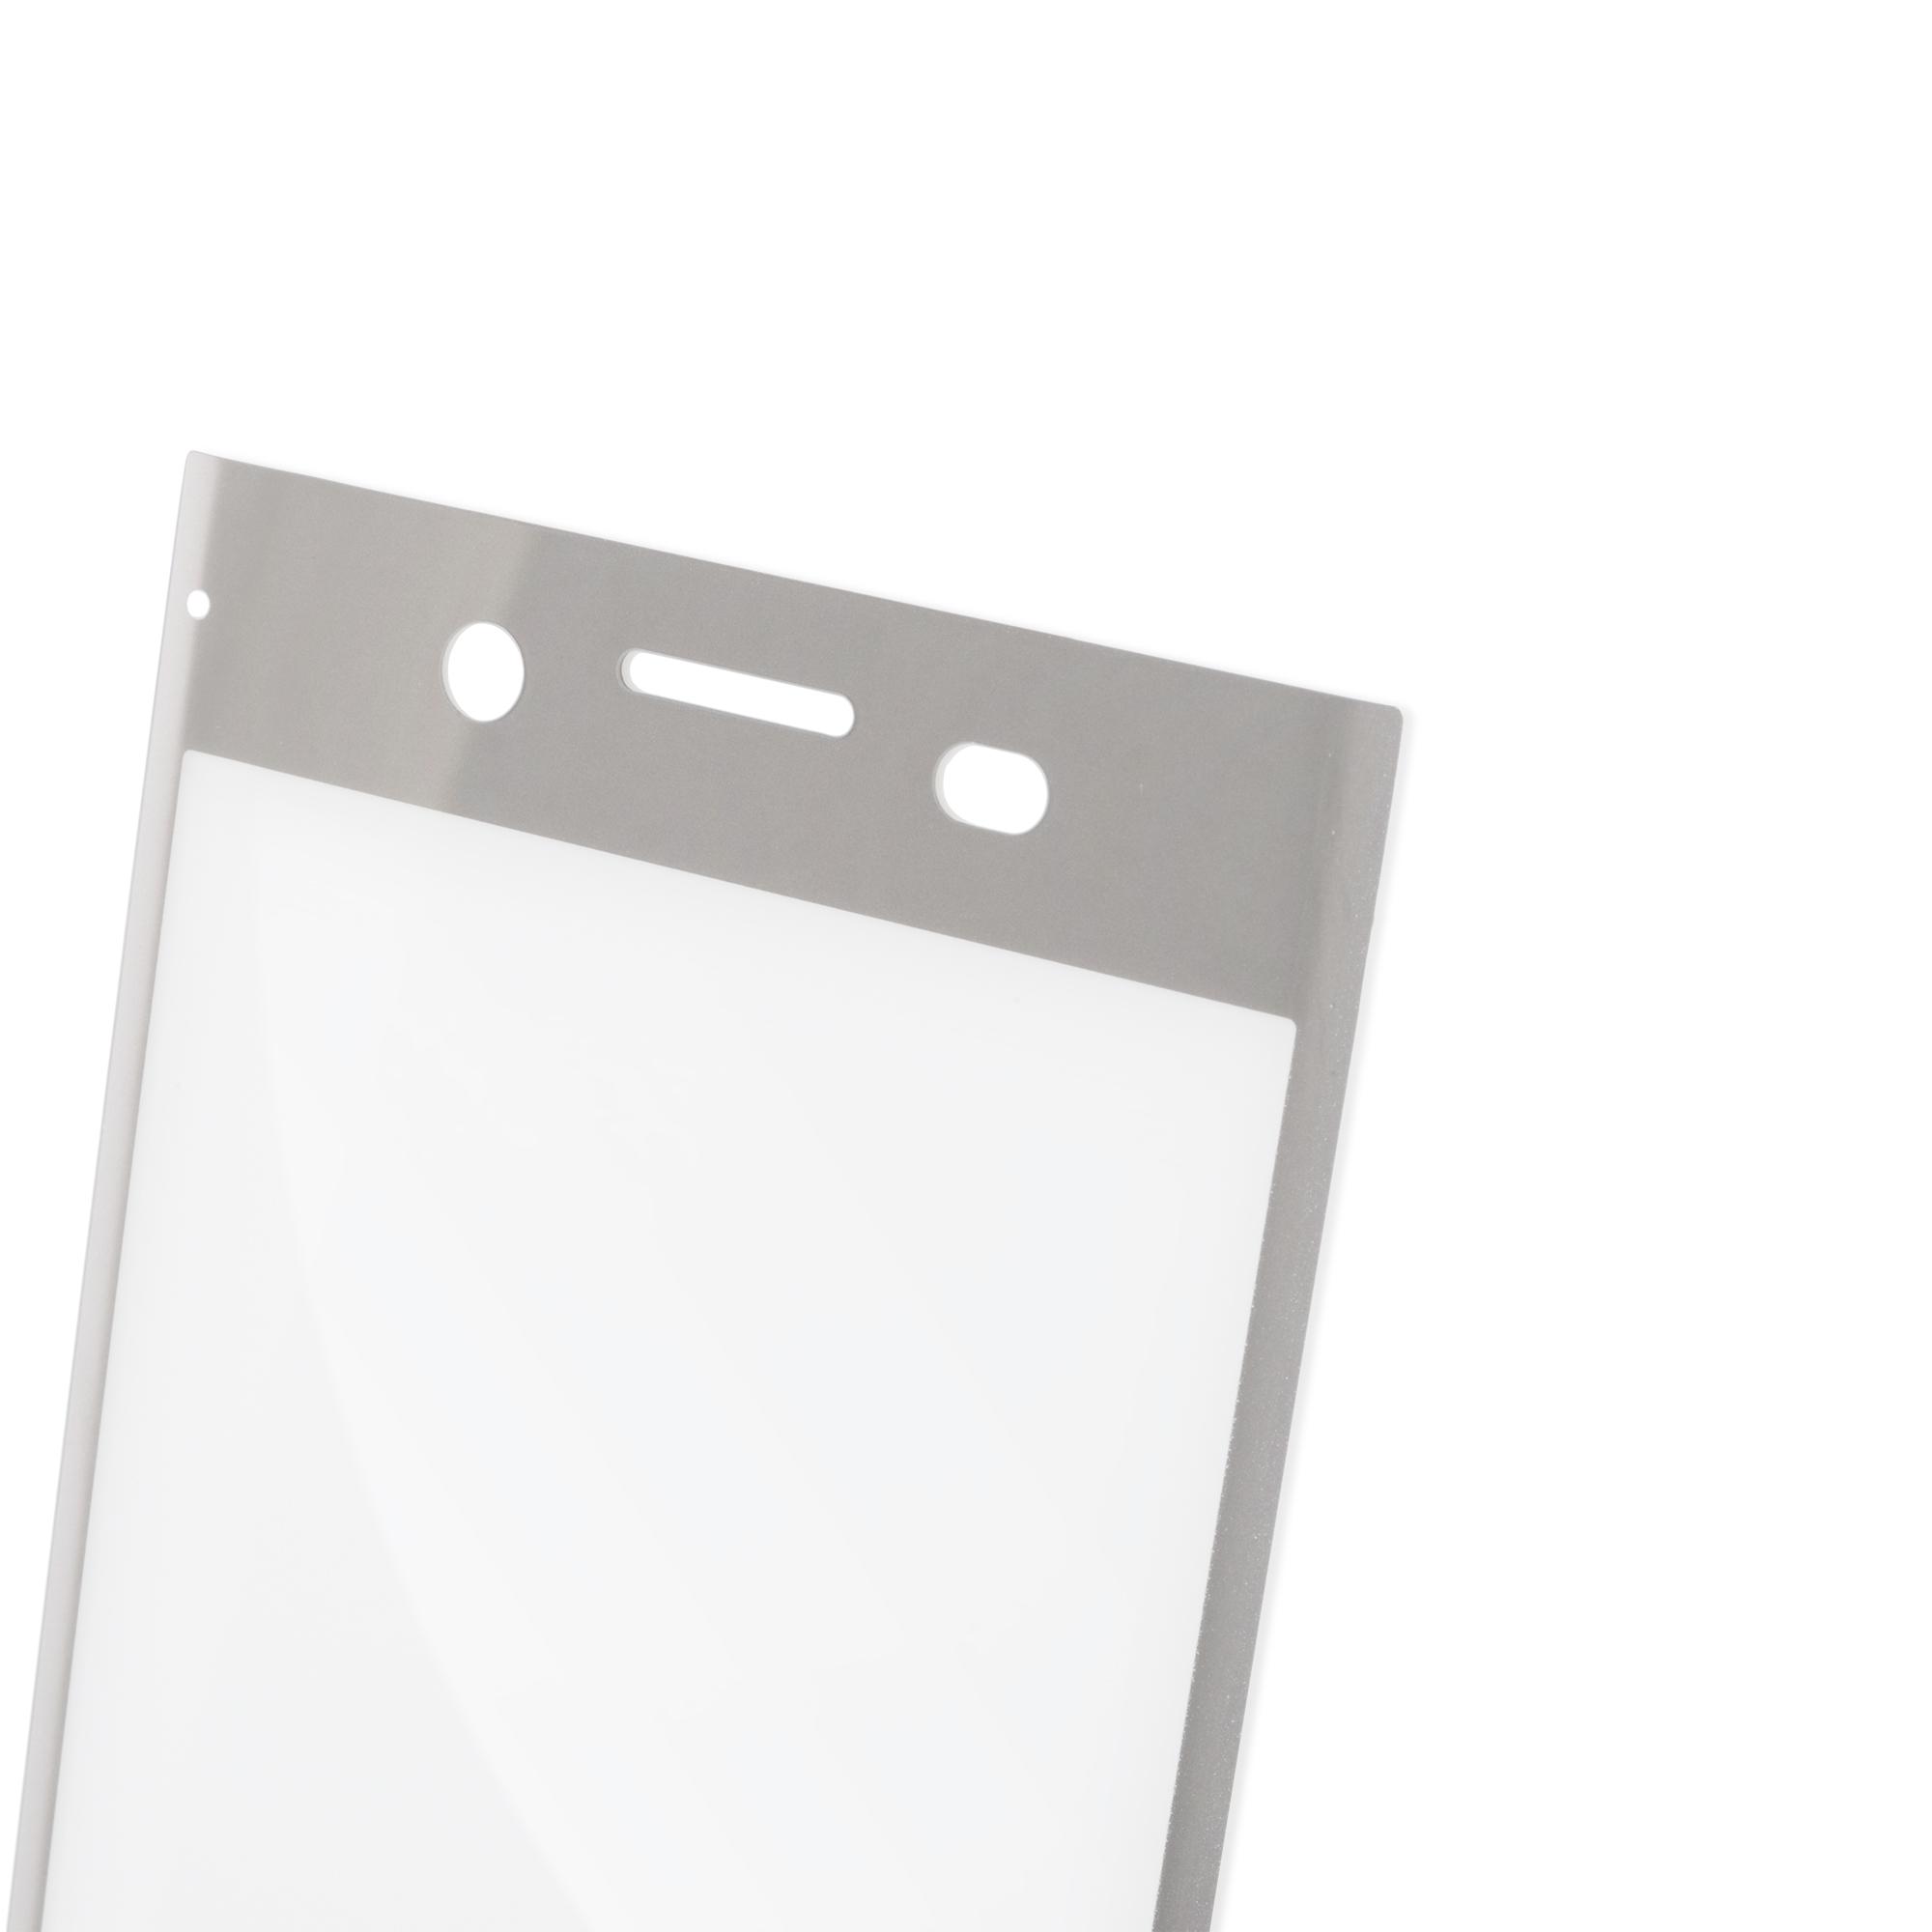 Защитное стекло полноэкранное серебристое для смартфона Xperia XZ Premium